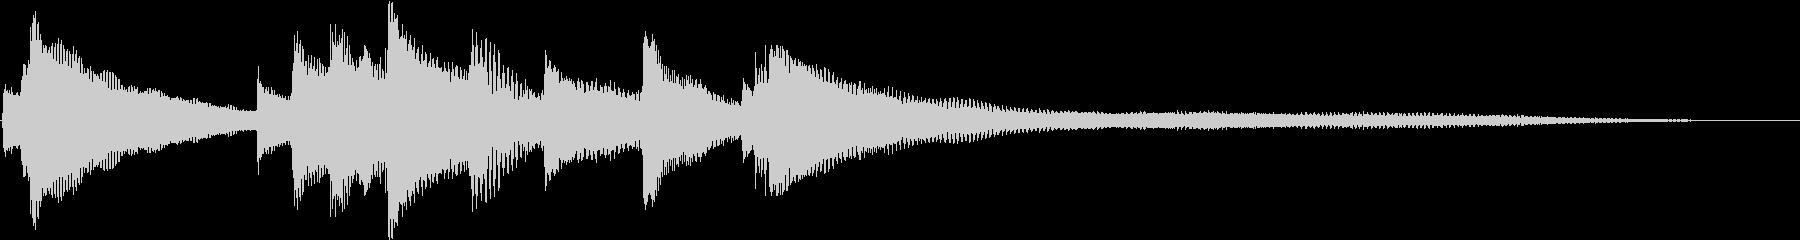 シンプルなピアノ - 愛を運ぶジングルの未再生の波形